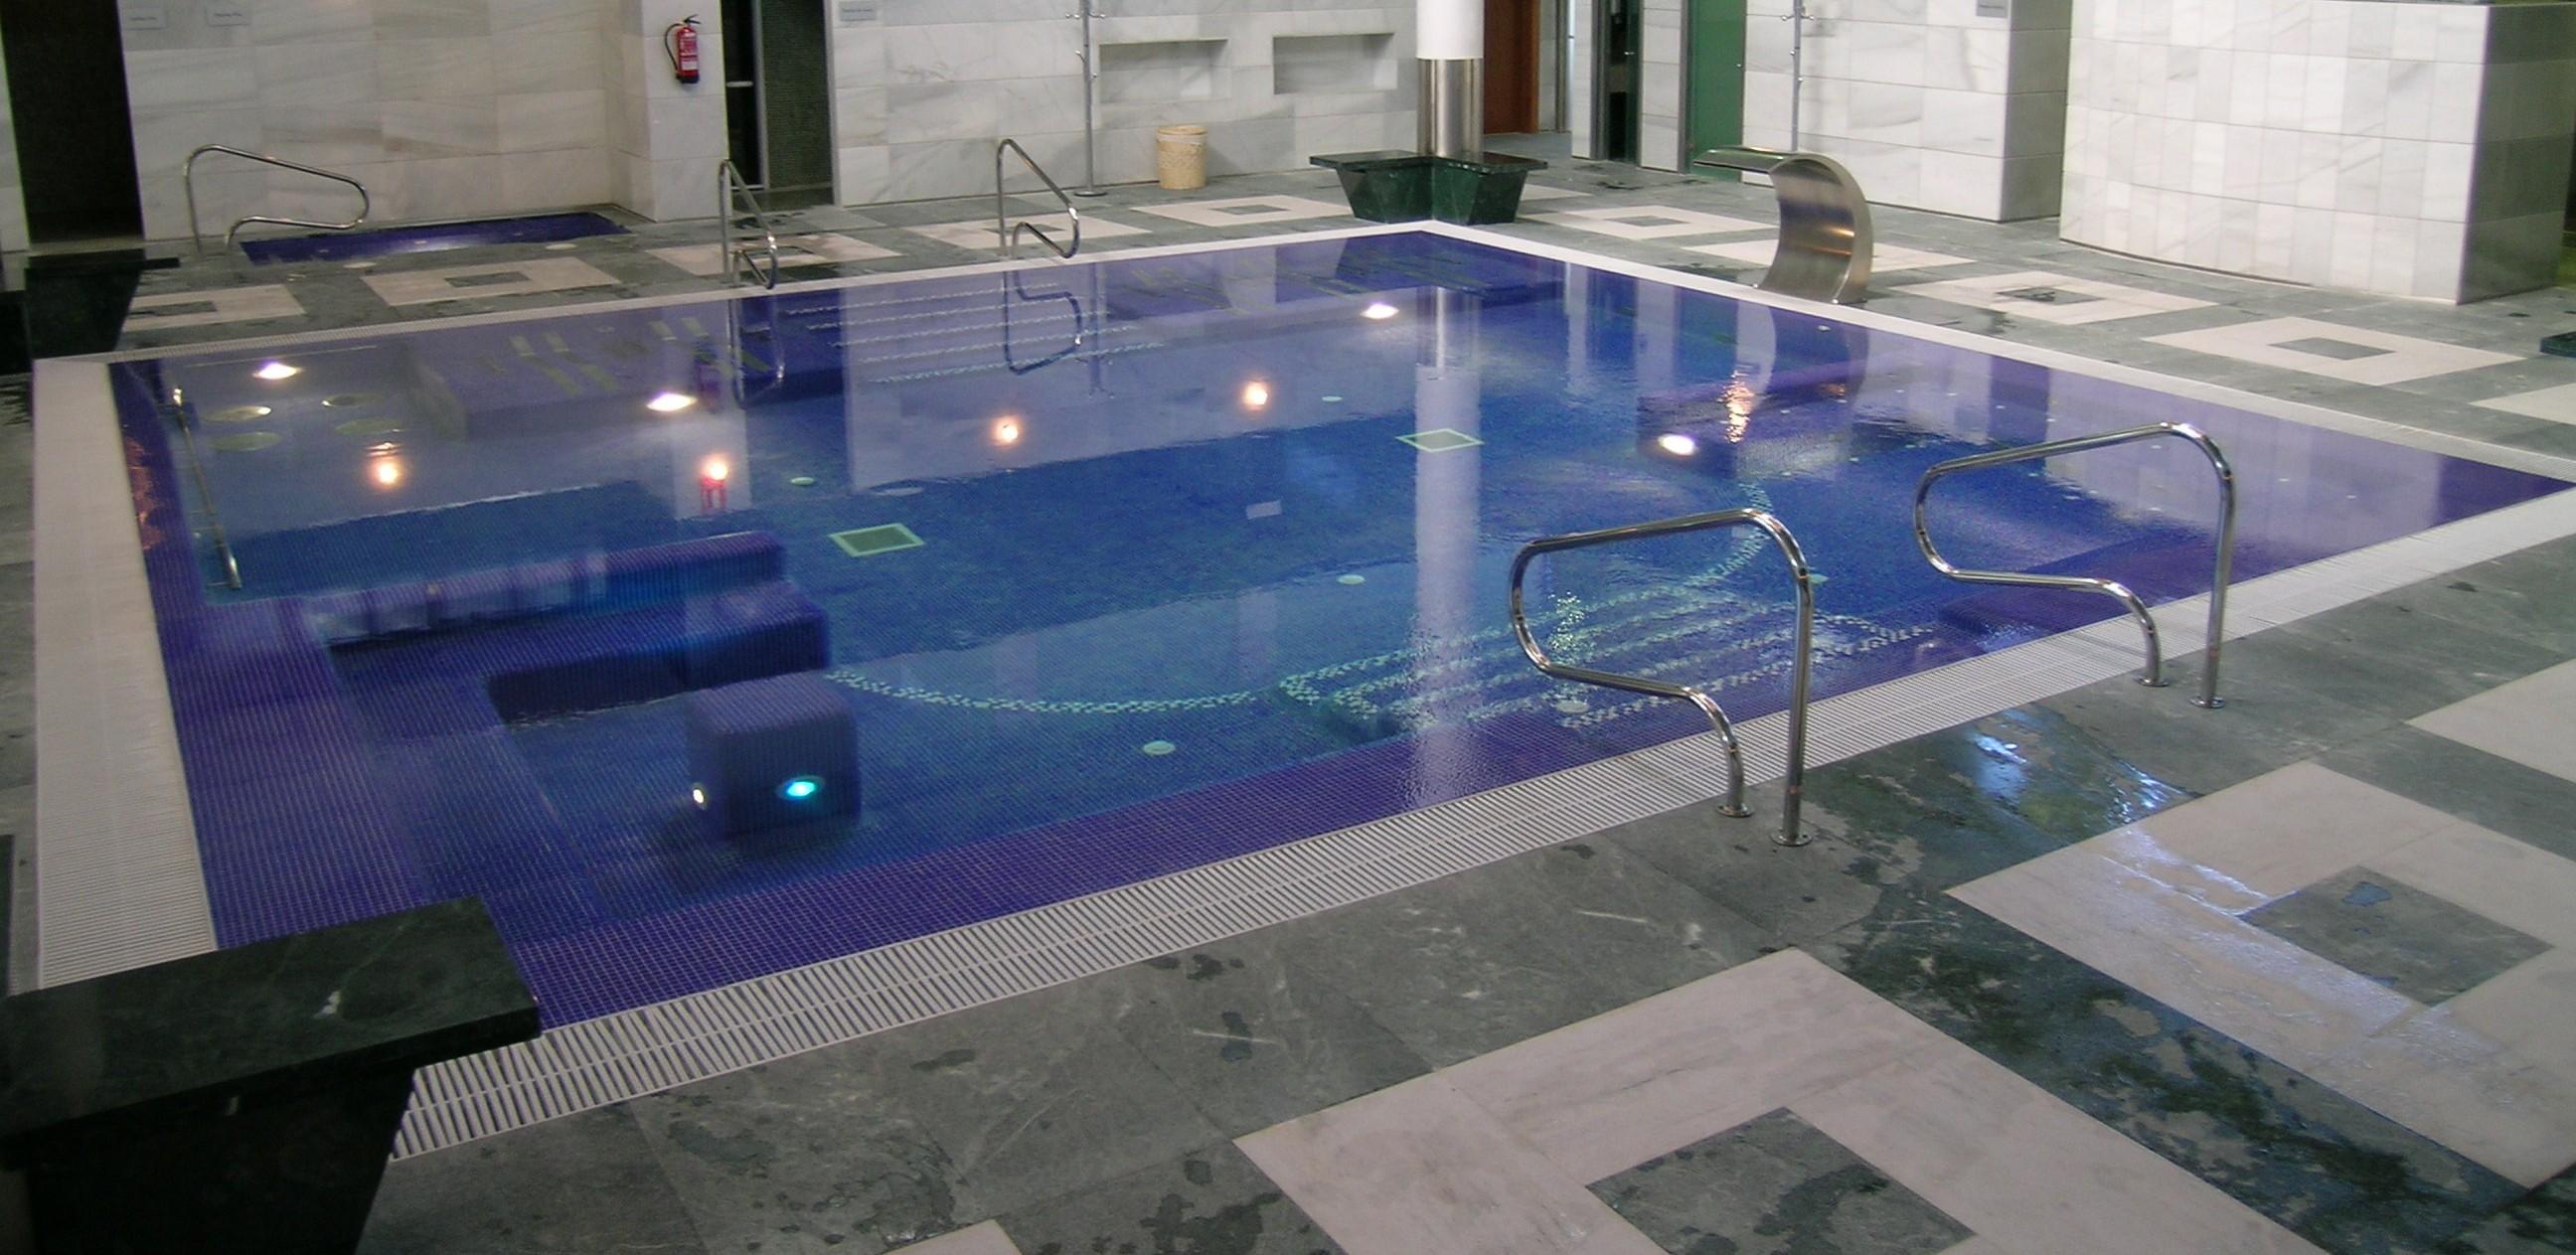 clmatización piscinas valencia, refrigeración valencia, piscinas valencia, spa valencia, Servicios climatización valencia,